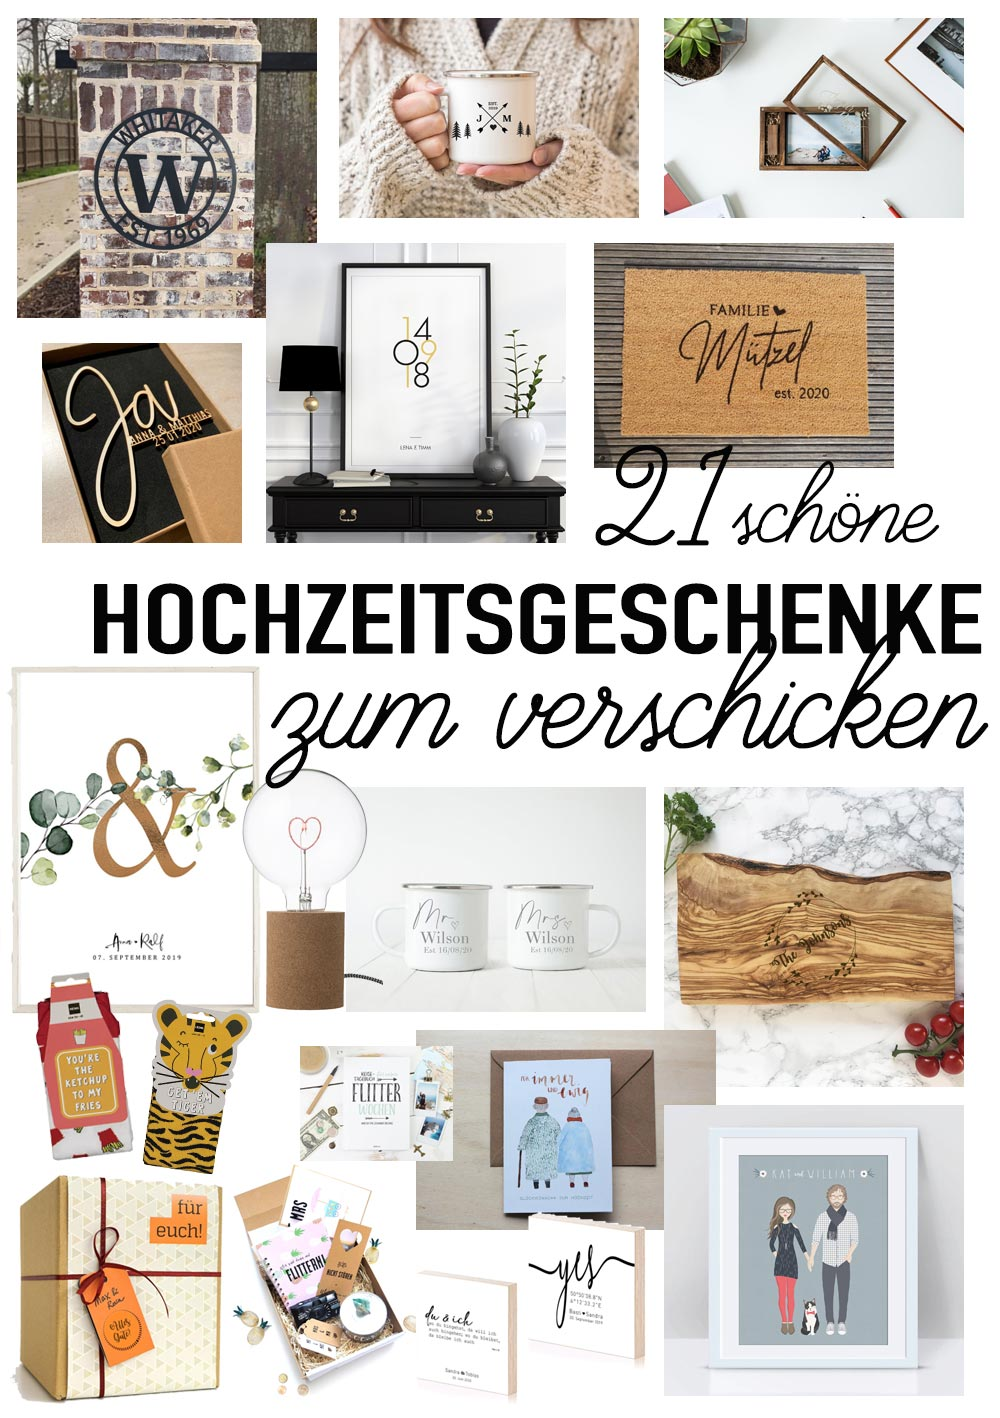 21 schöne Hochzeitsgeschenke zum Verschicken per Post